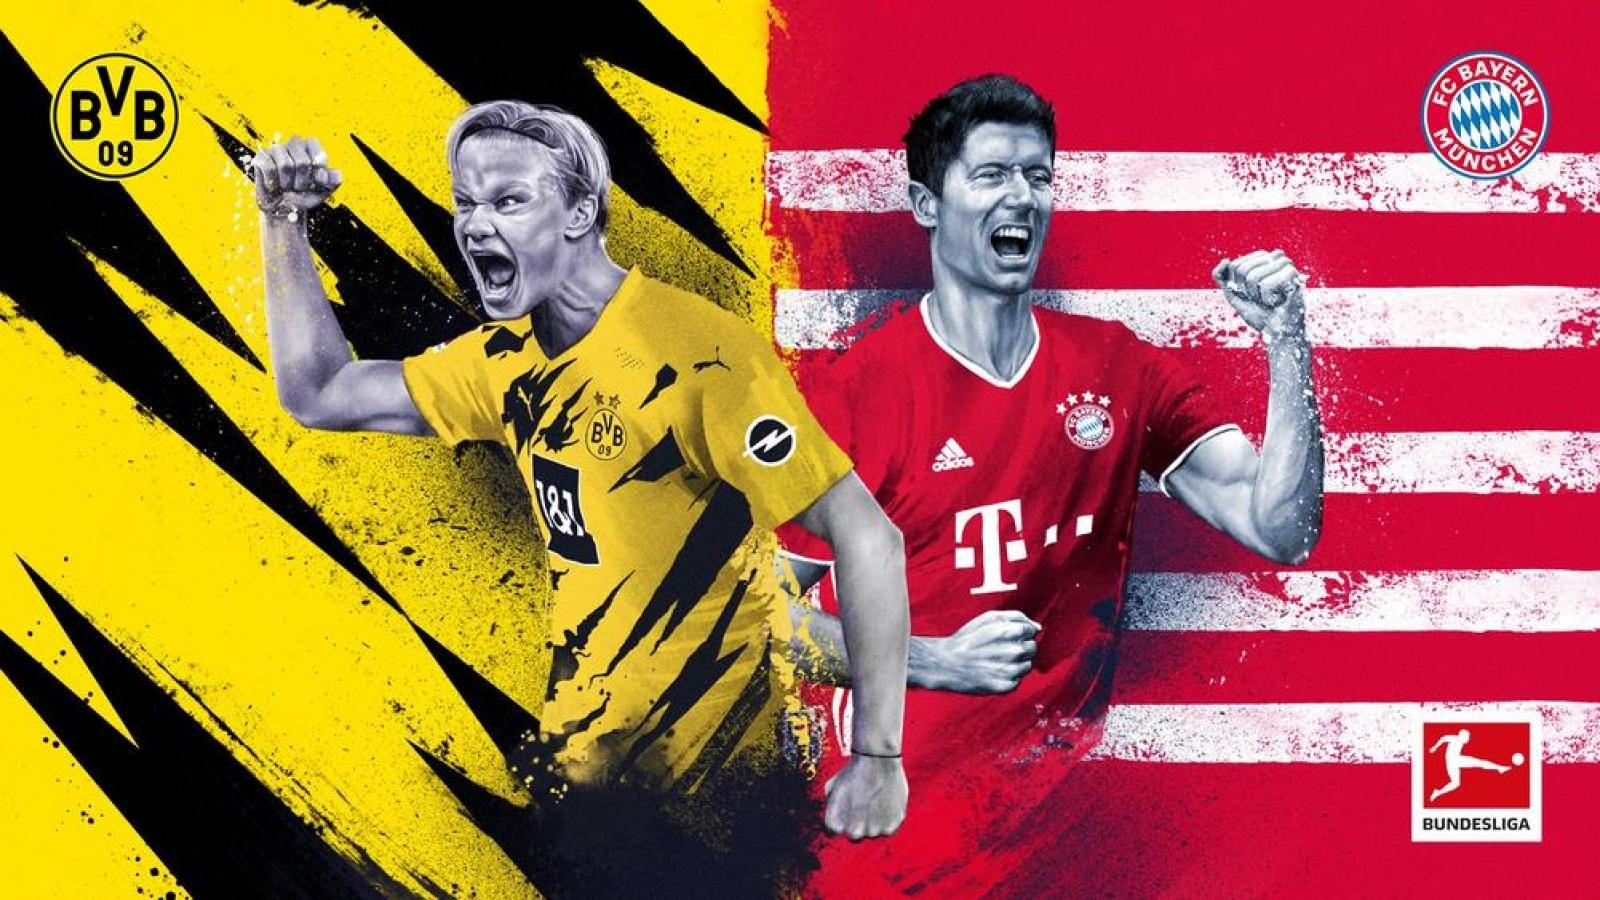 Dortmund - Bayern Munich: Erling Haaland và nhiệm vụ bất khả thi